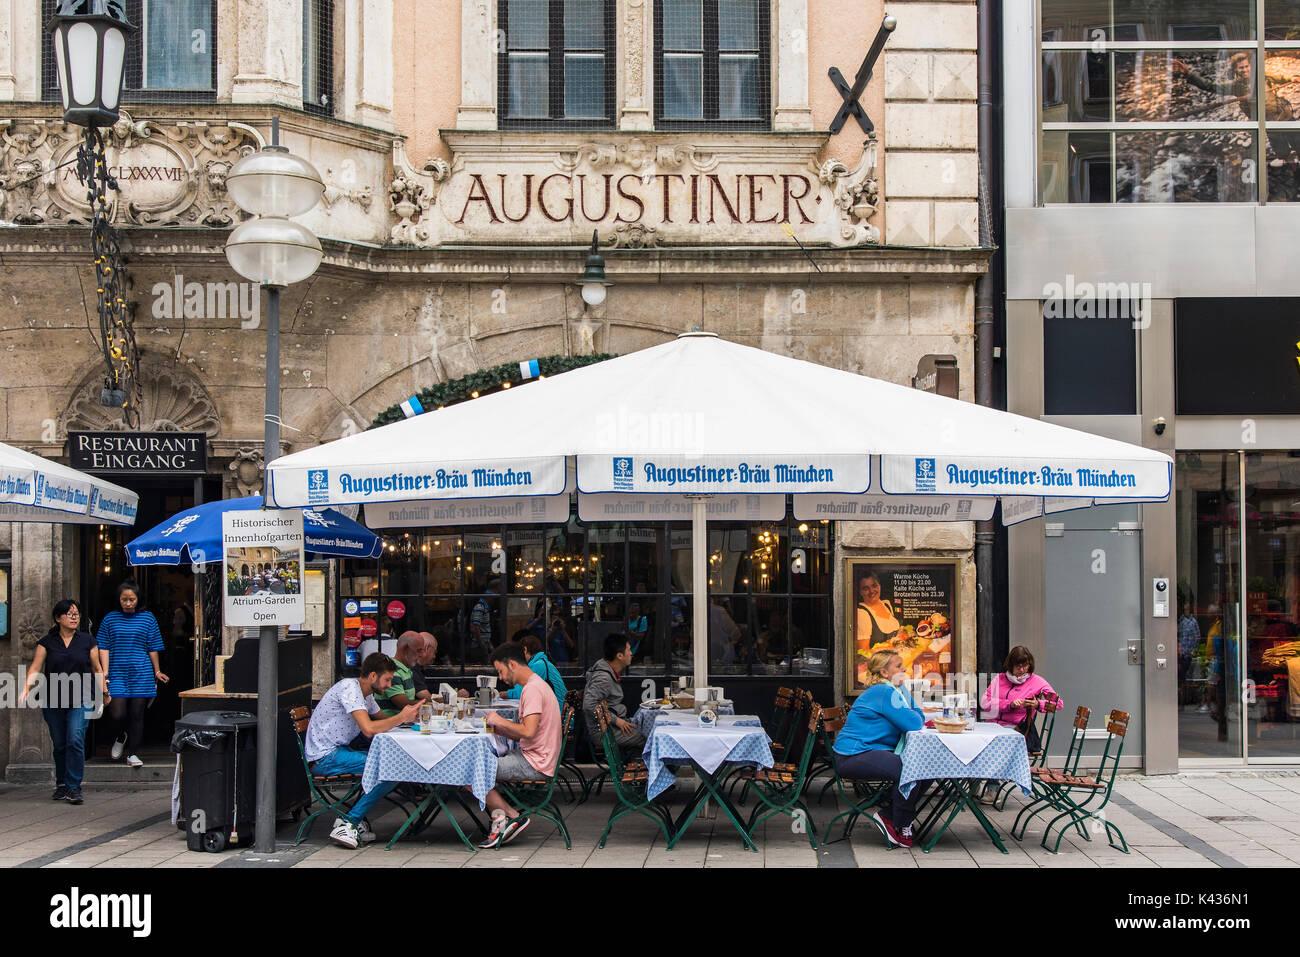 I turisti seduti ai tavoli fuori della Storica birra Augustiner hall di Monaco di Baviera, Germania Immagini Stock